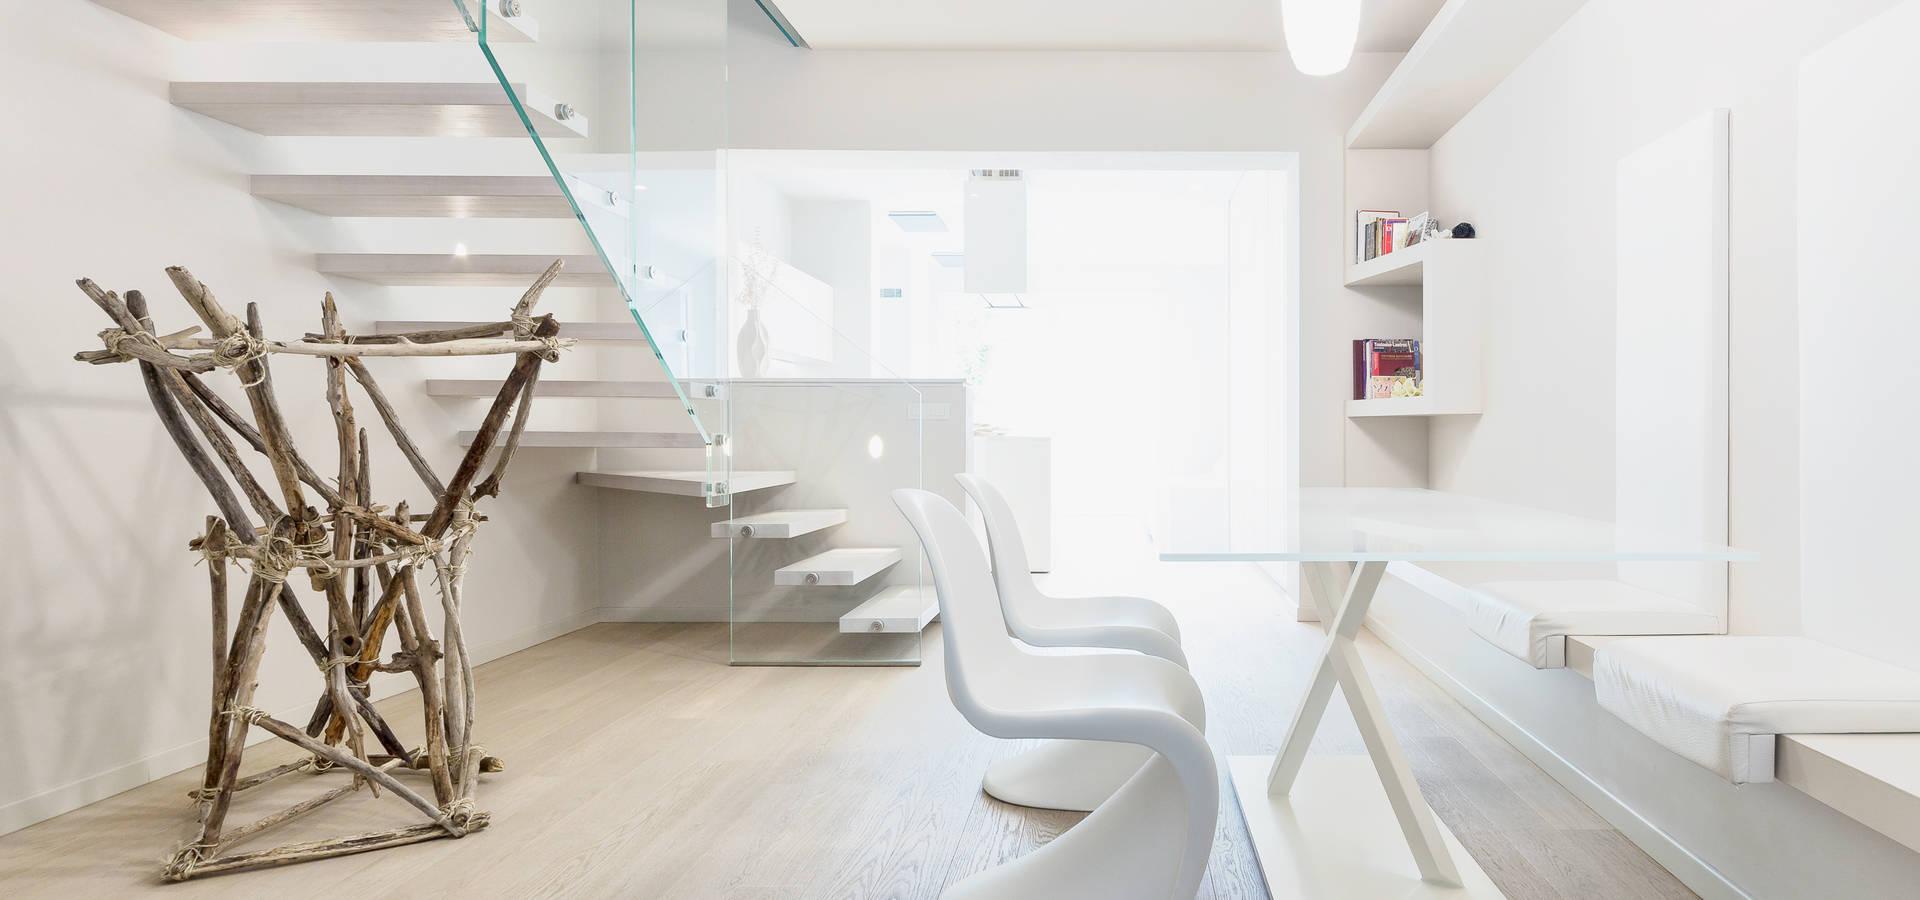 Luca Doveri Architetto—Studio di Architettura